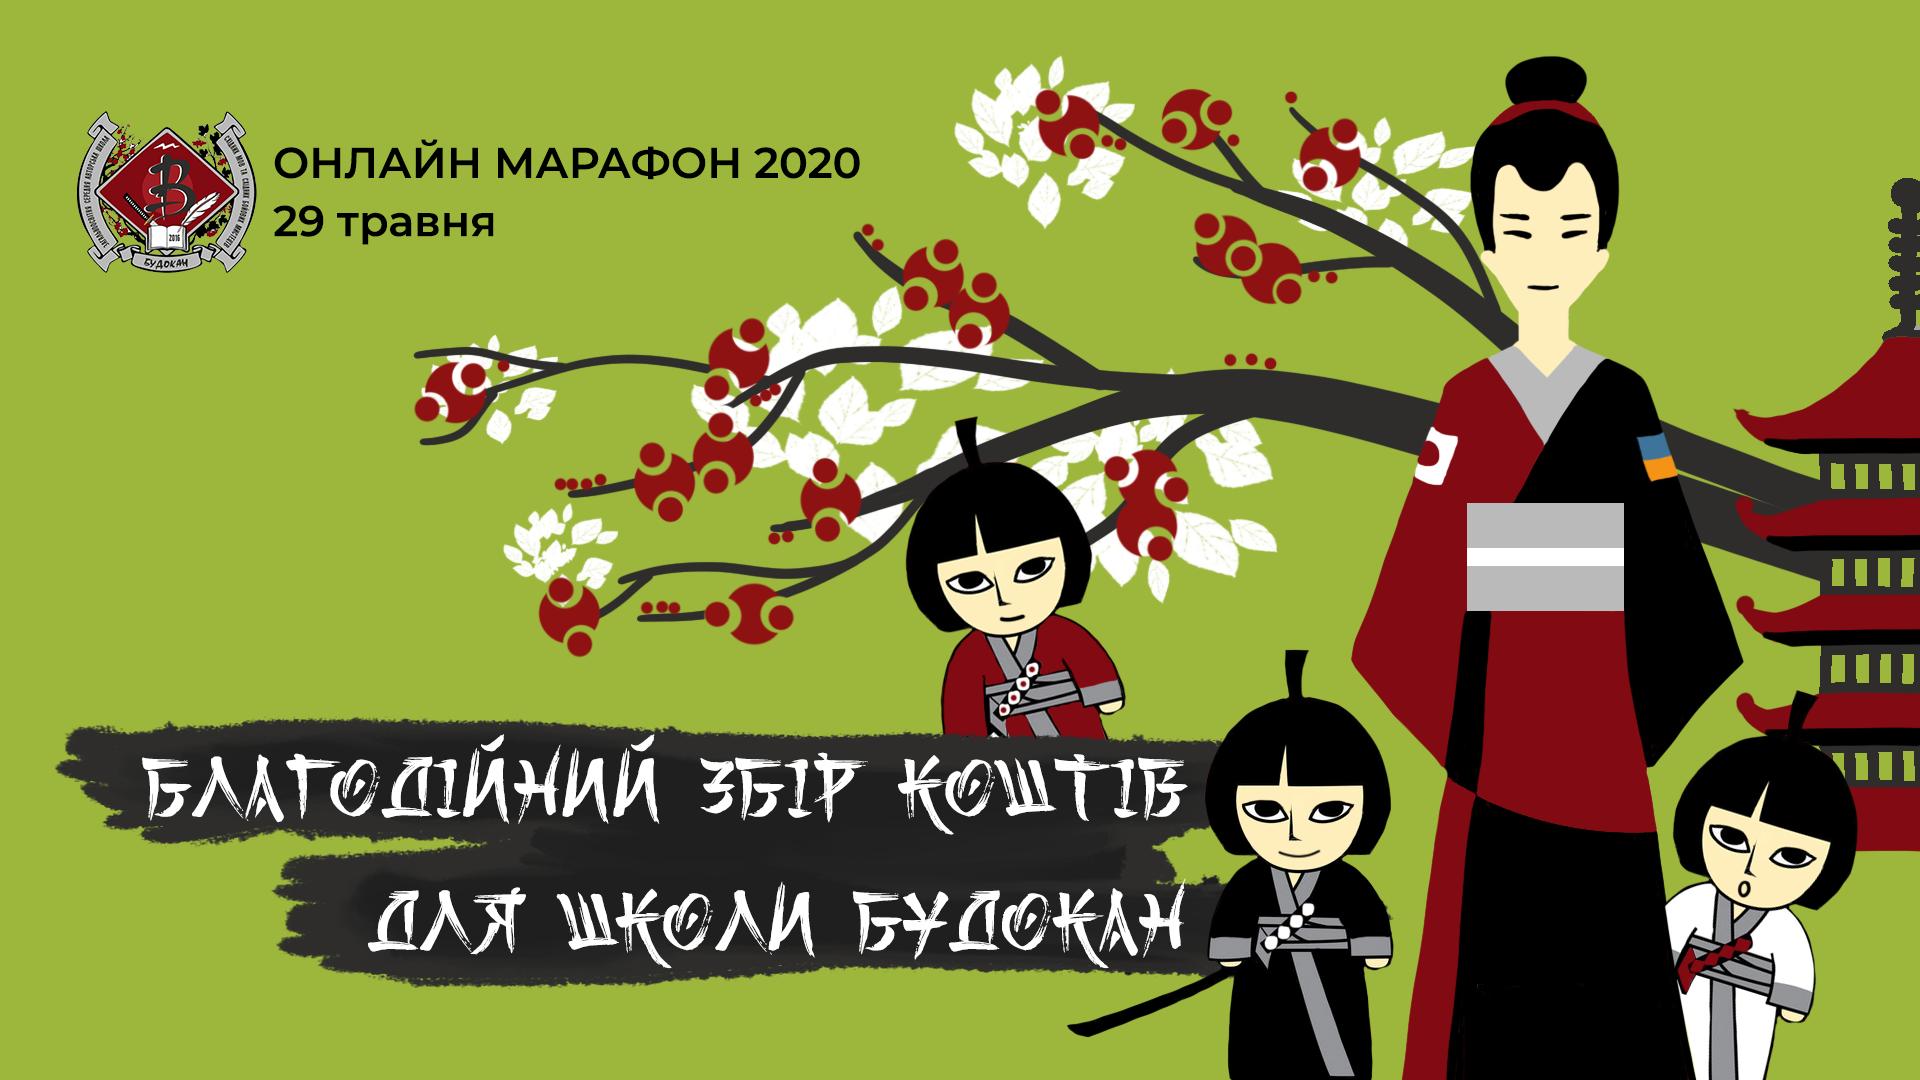 Школа східних мов та бойових мистецтв Будокан організовує благодійний онлайн-марафон